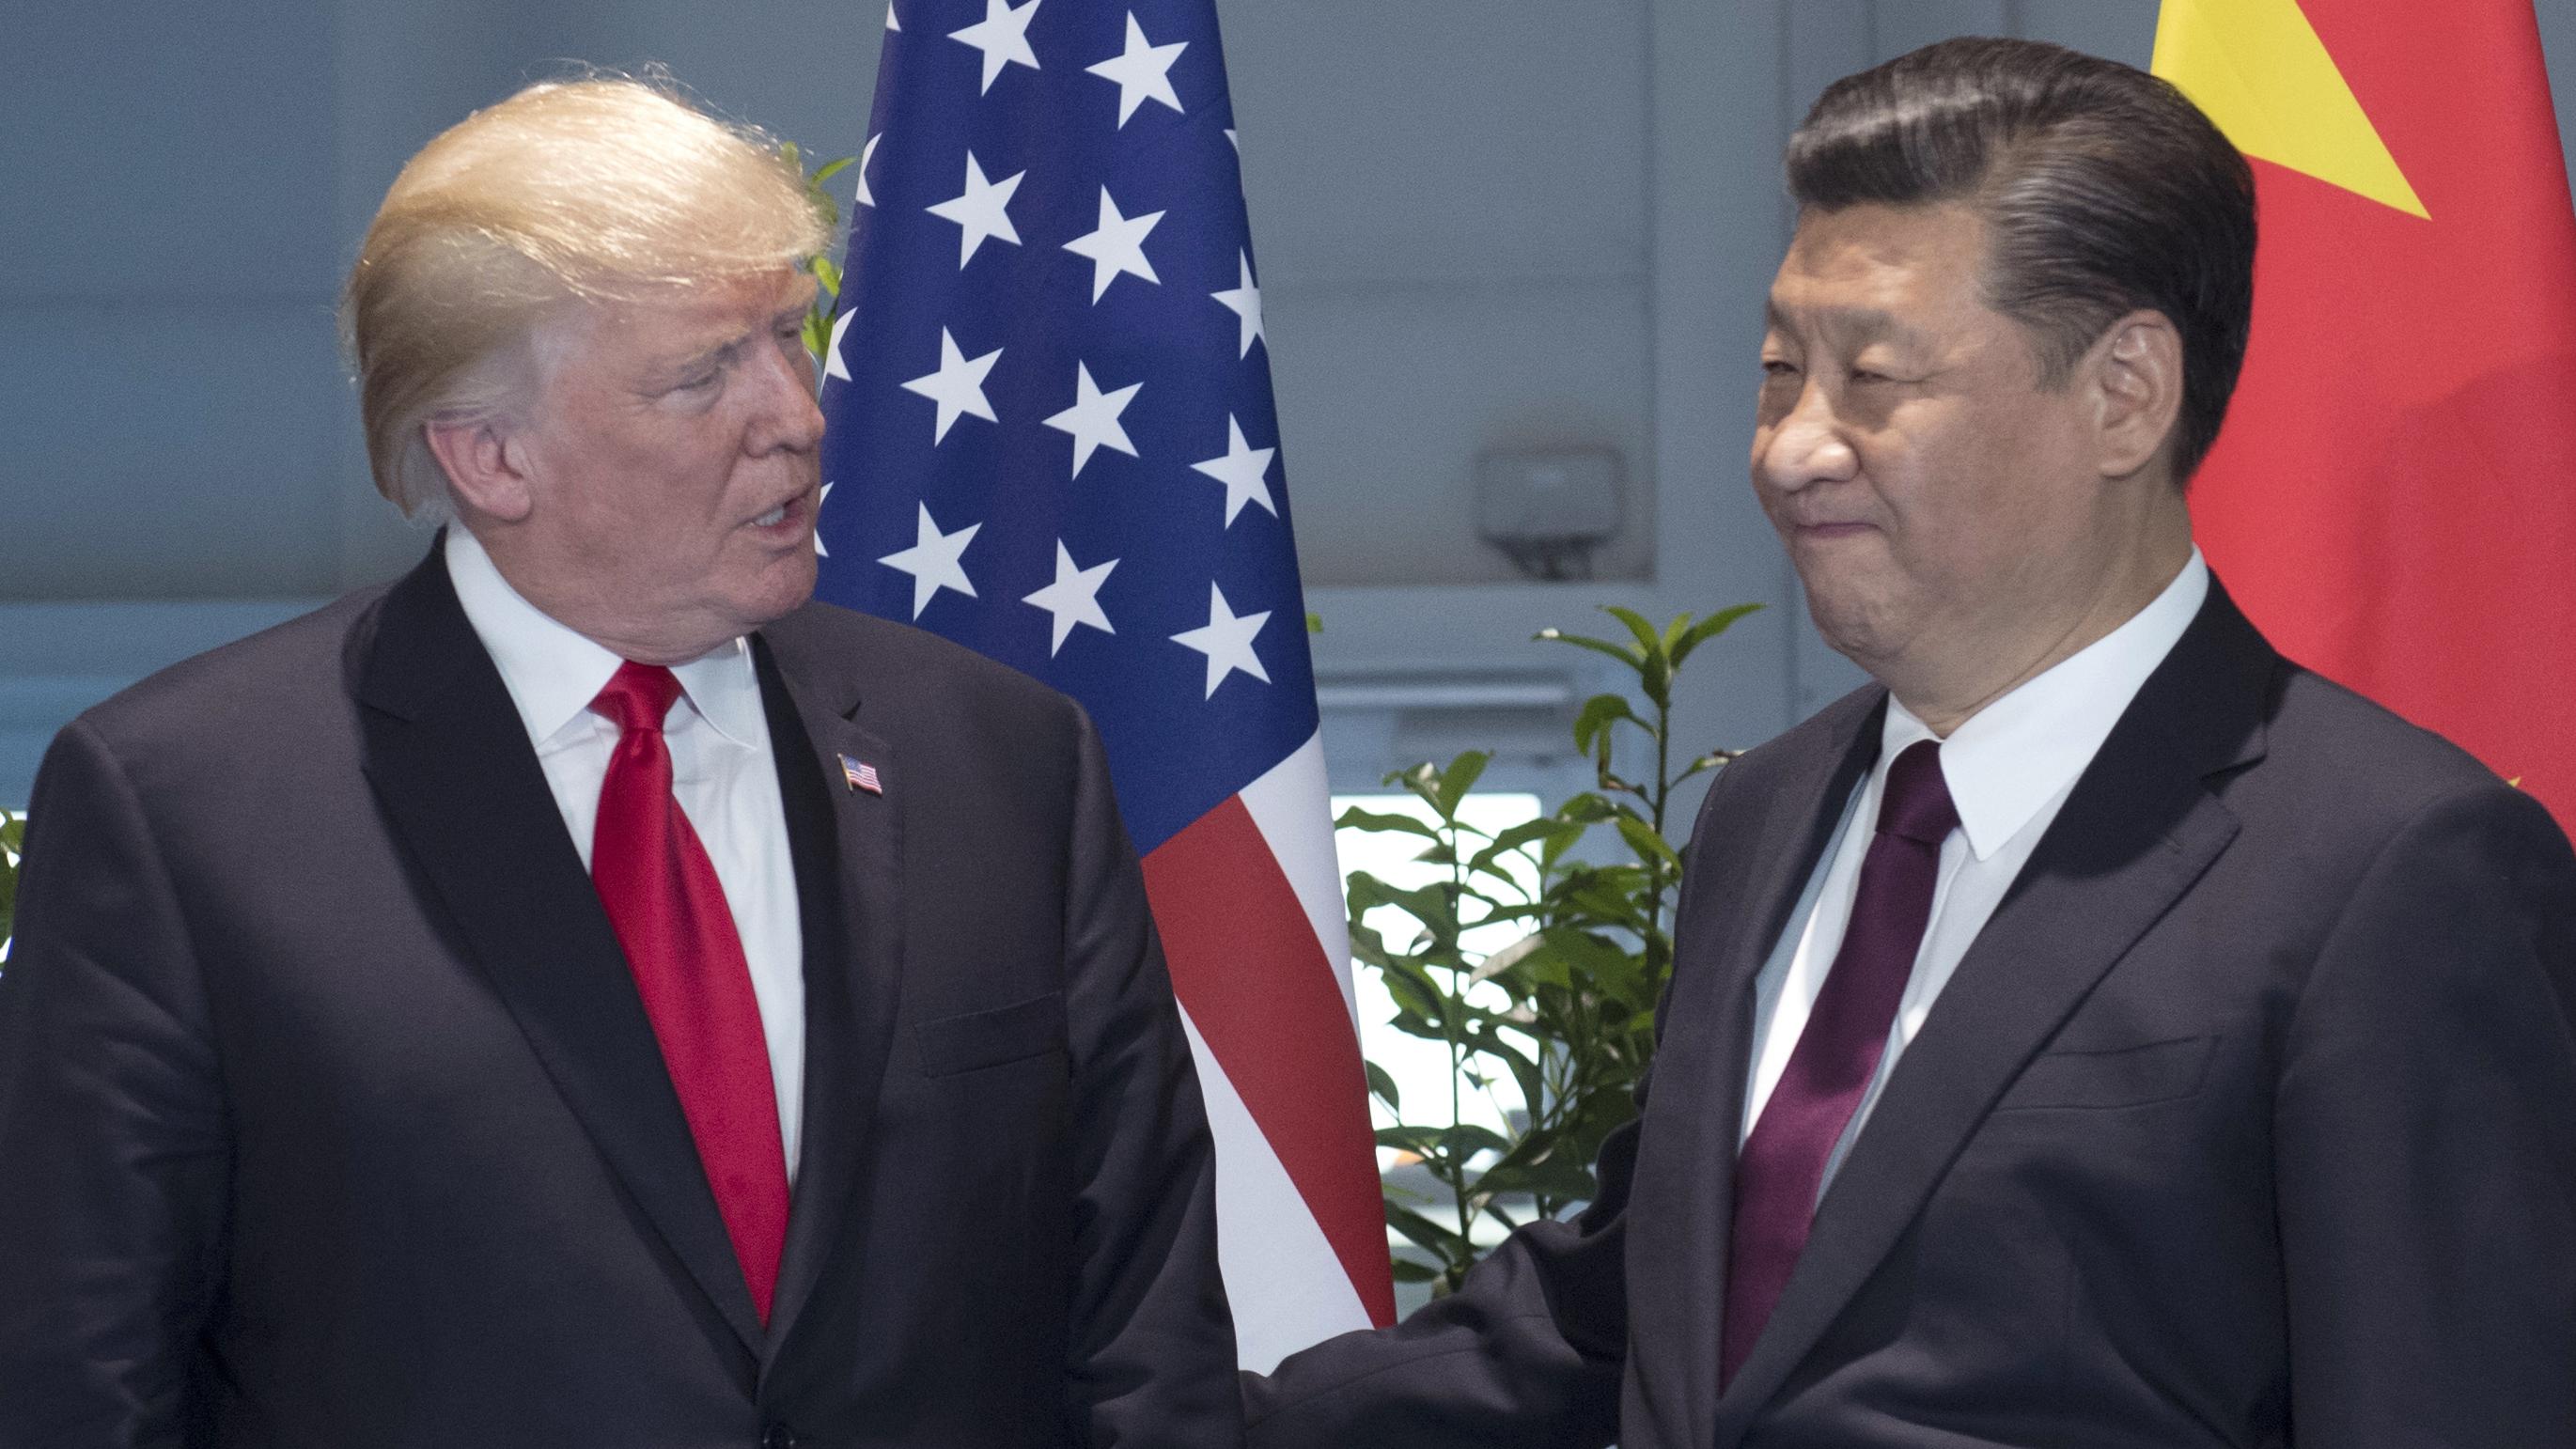 美国总统特朗普和中国国家主席习近平(右)在G20峰会上。(美联社)